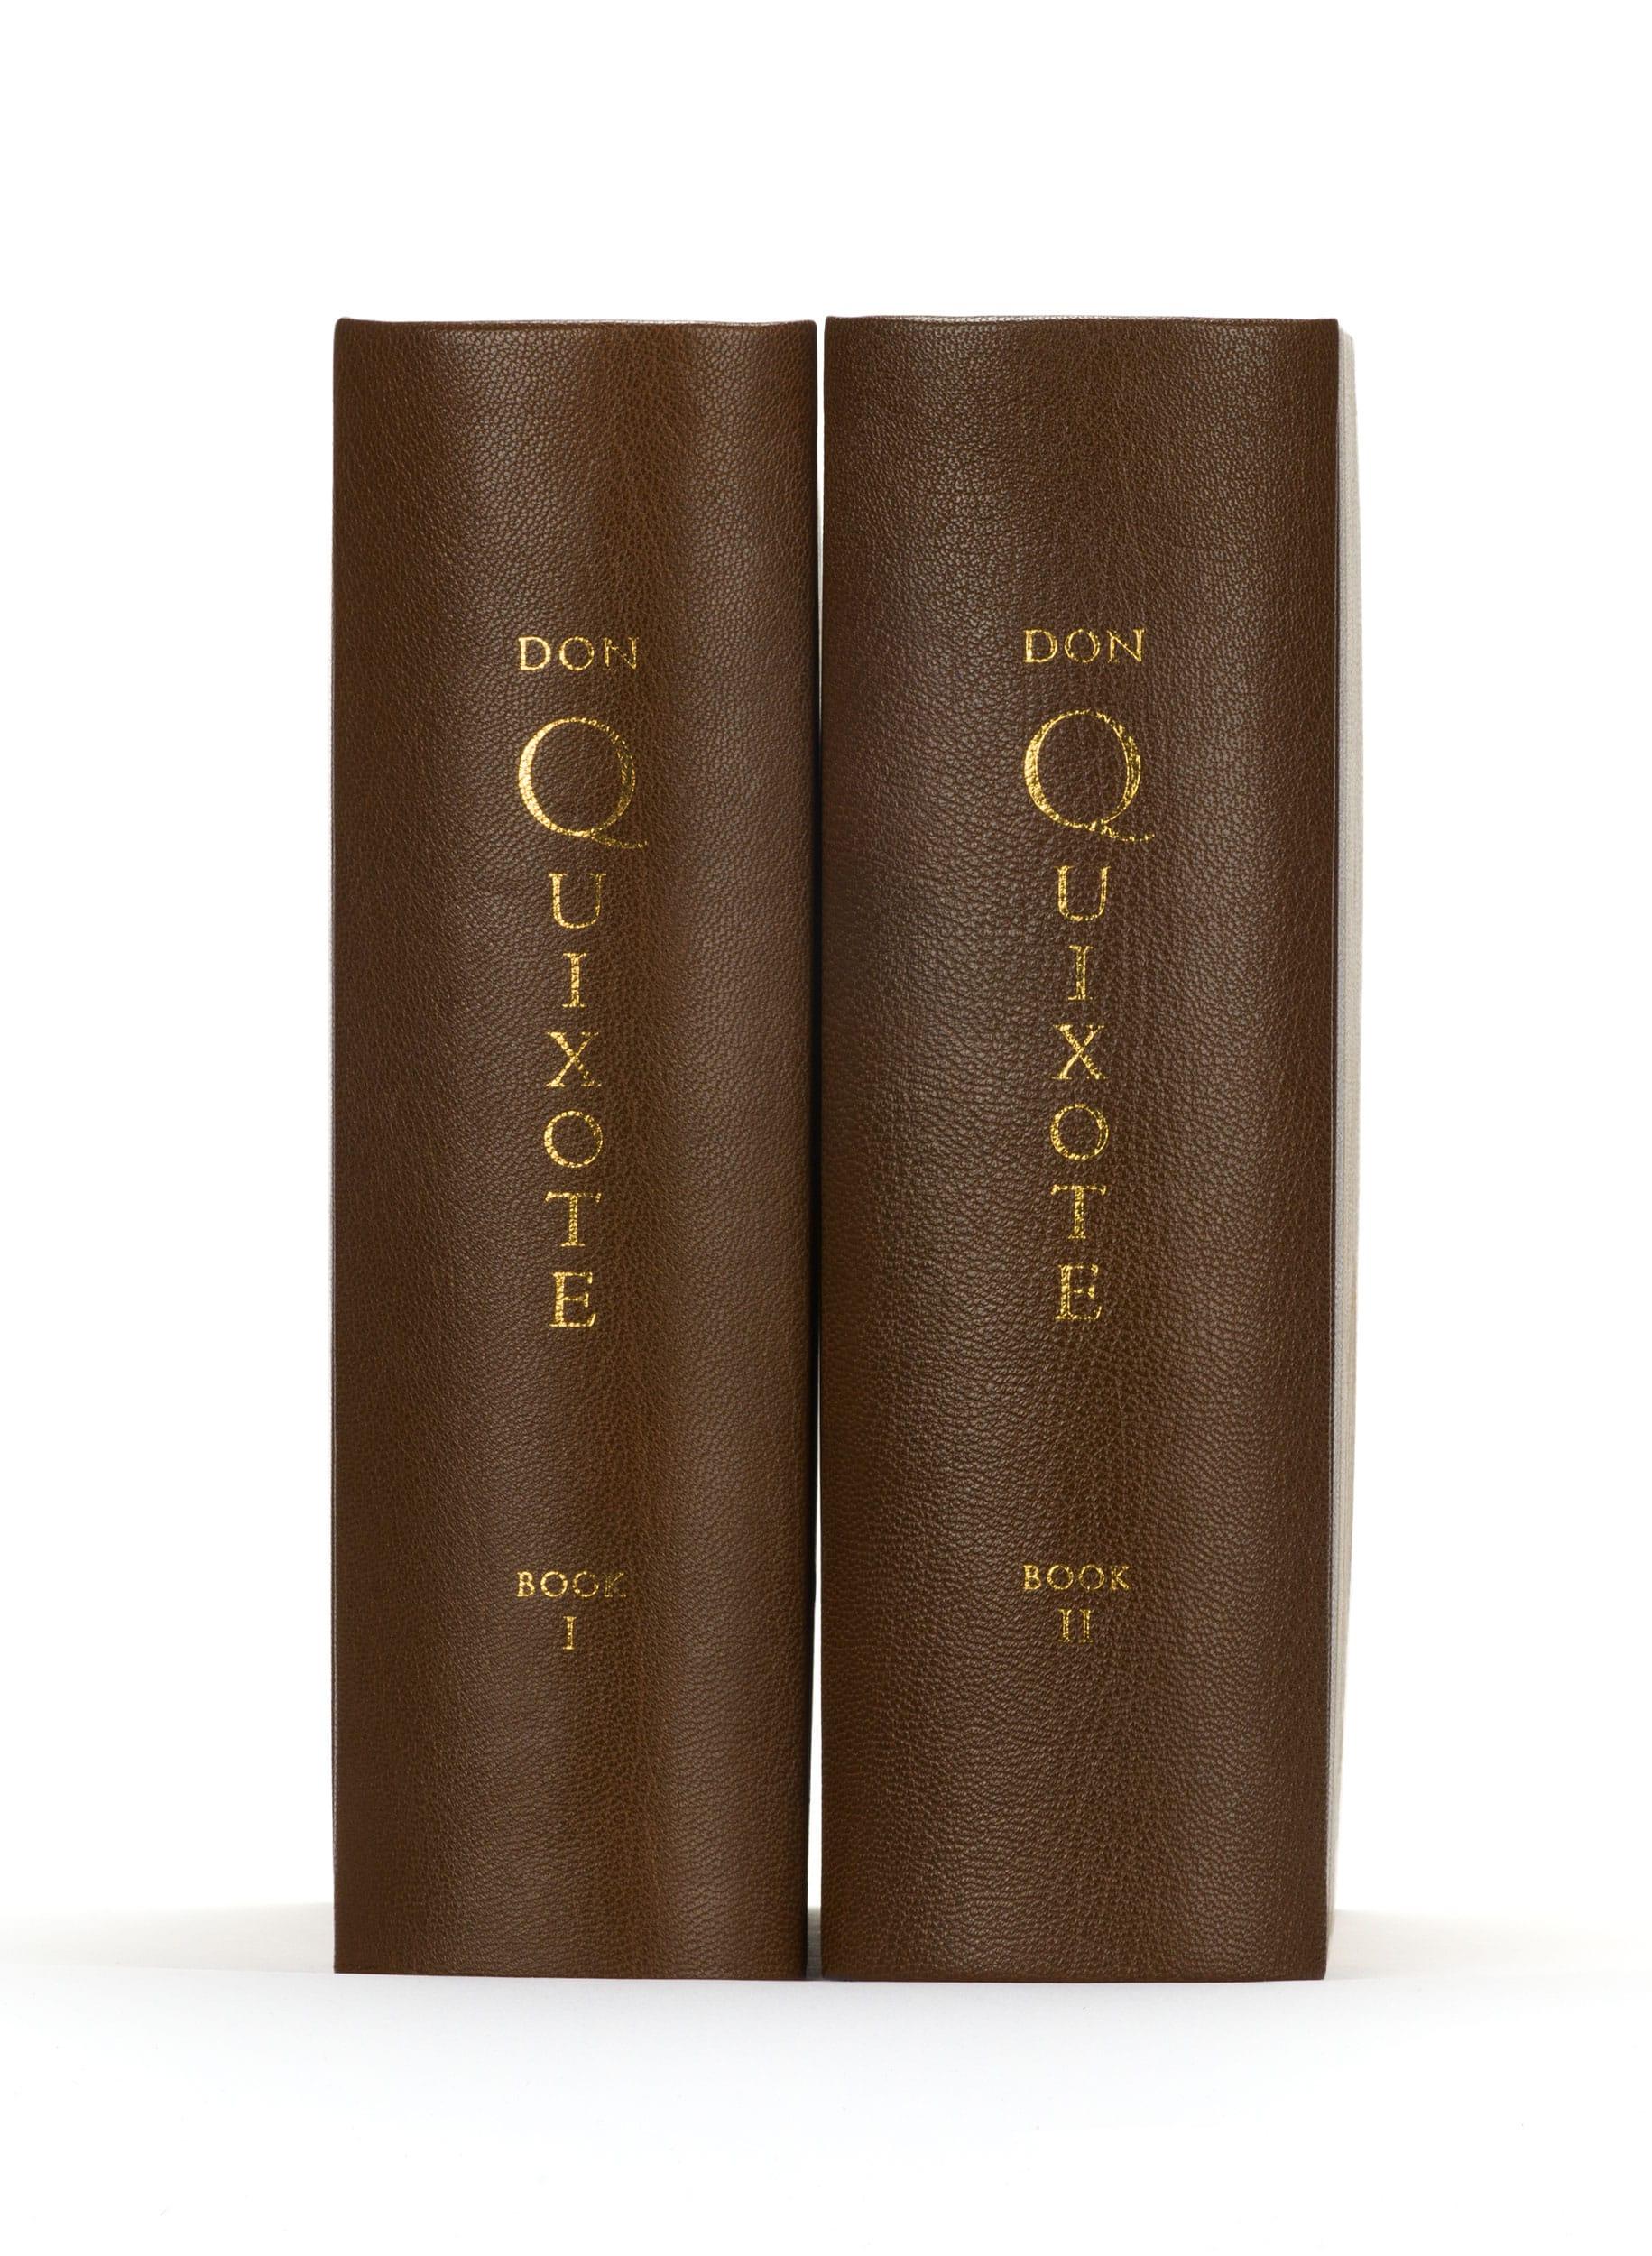 086_Don_Quixote.2-vols.Spines.2.jpg